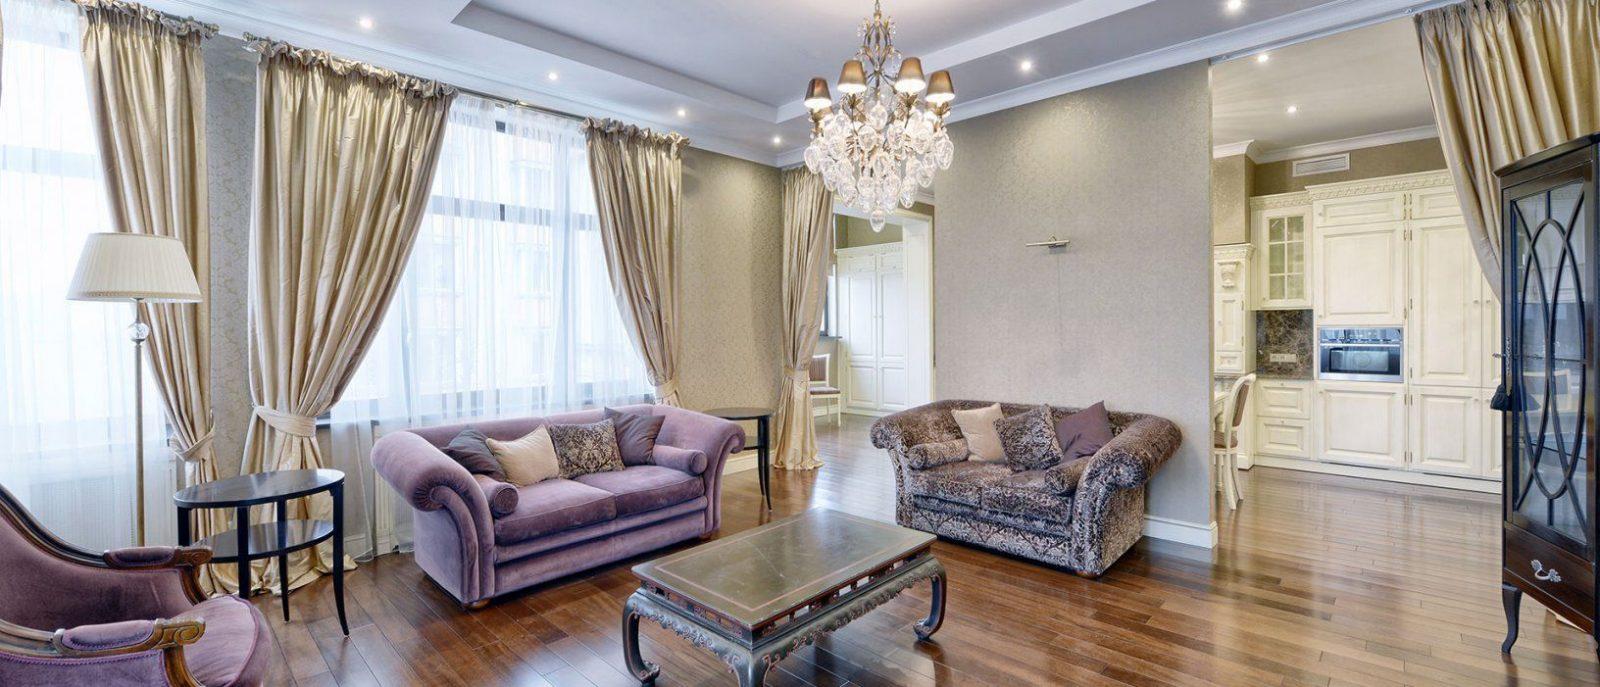 Wohnzimmer Gardinen Nach Maß Kaufen  Ihre Fensterdeko von Gardinen Muster Für Wohnzimmer Bild